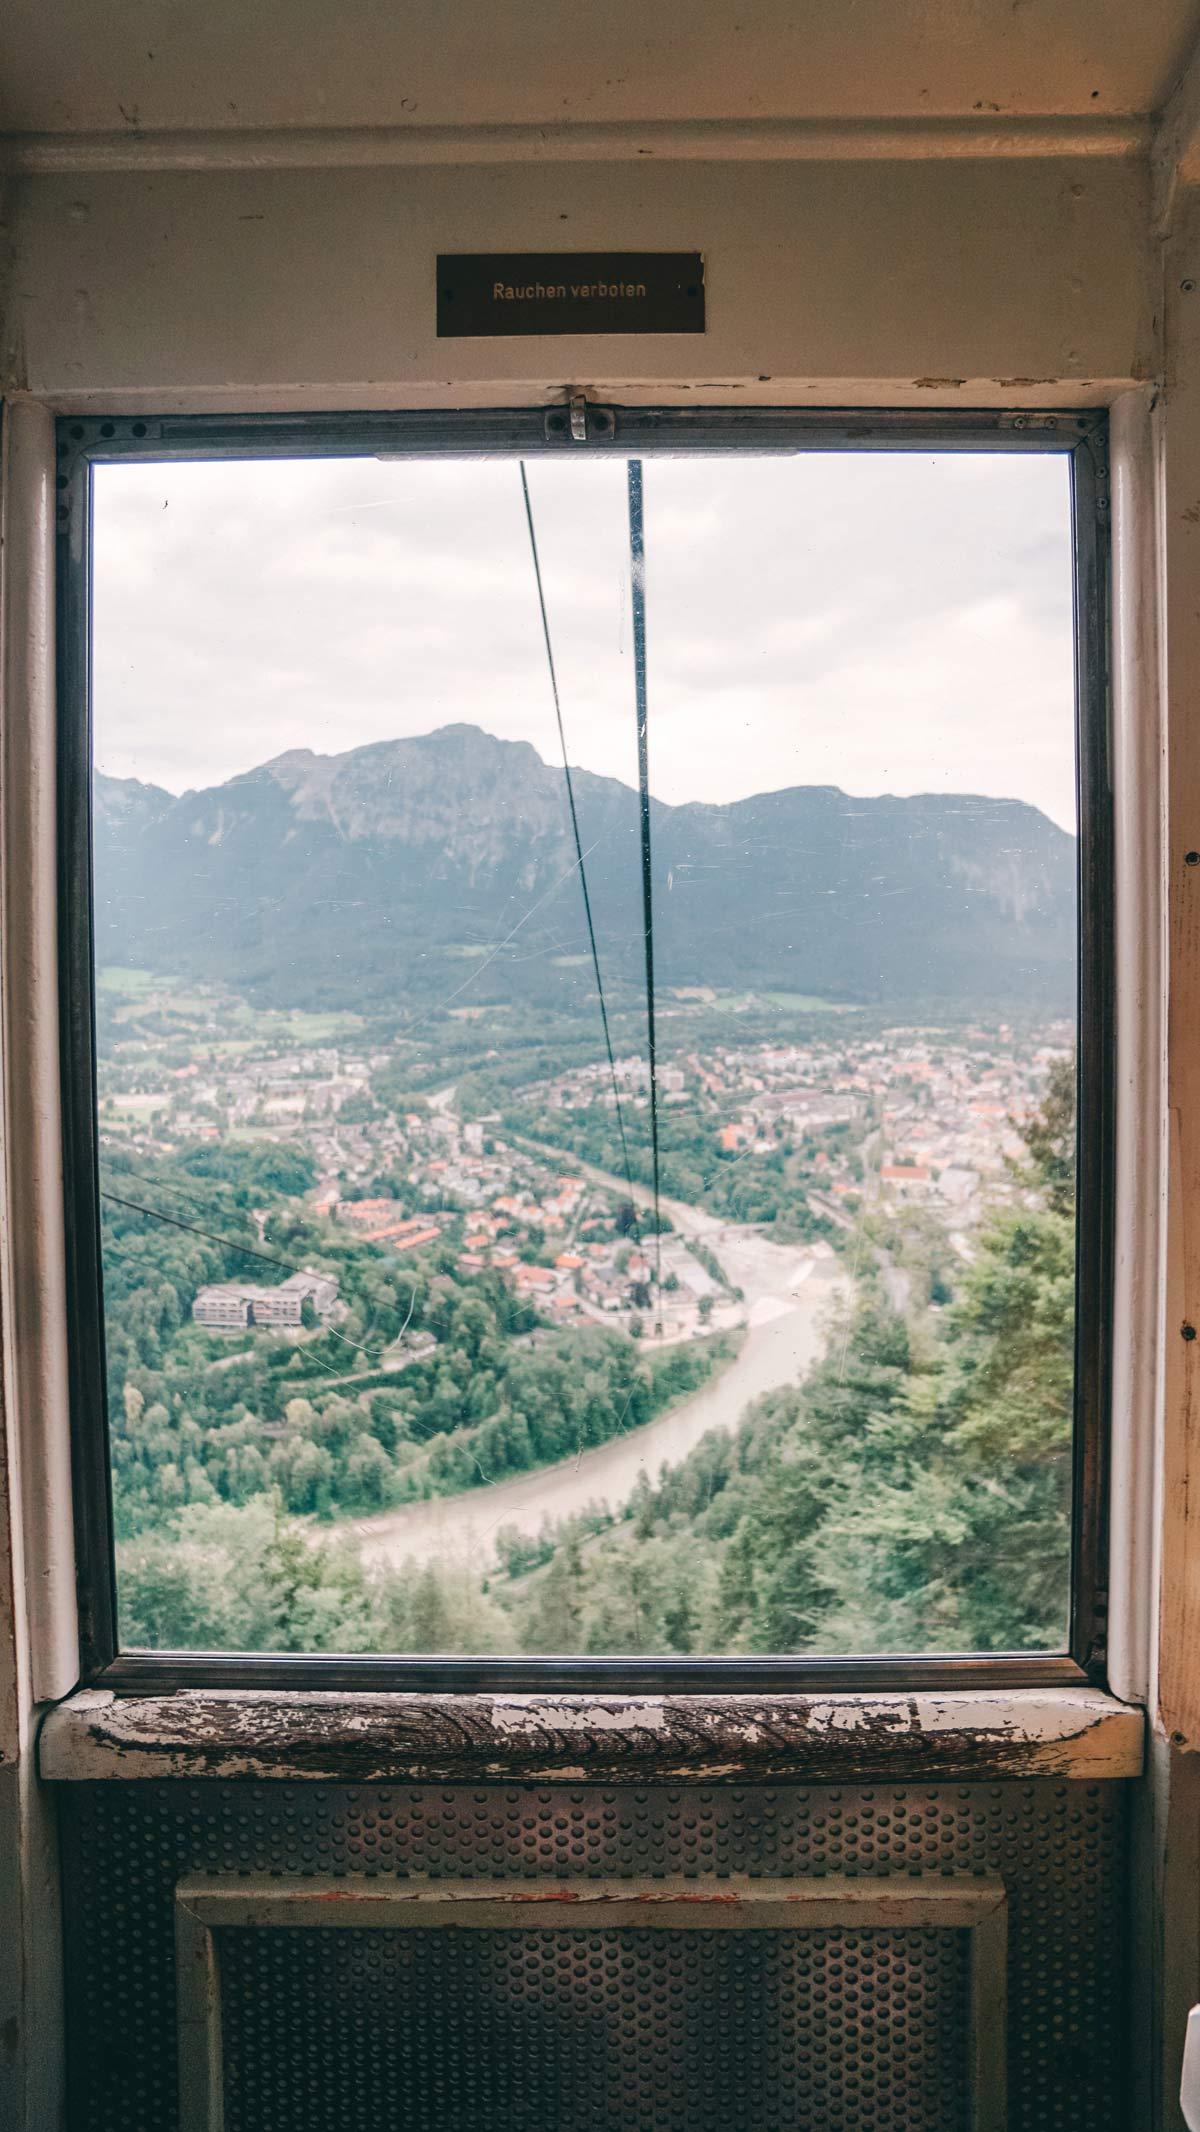 Bad Reichenhall Predigtstuhl Auffahrt Ausblick